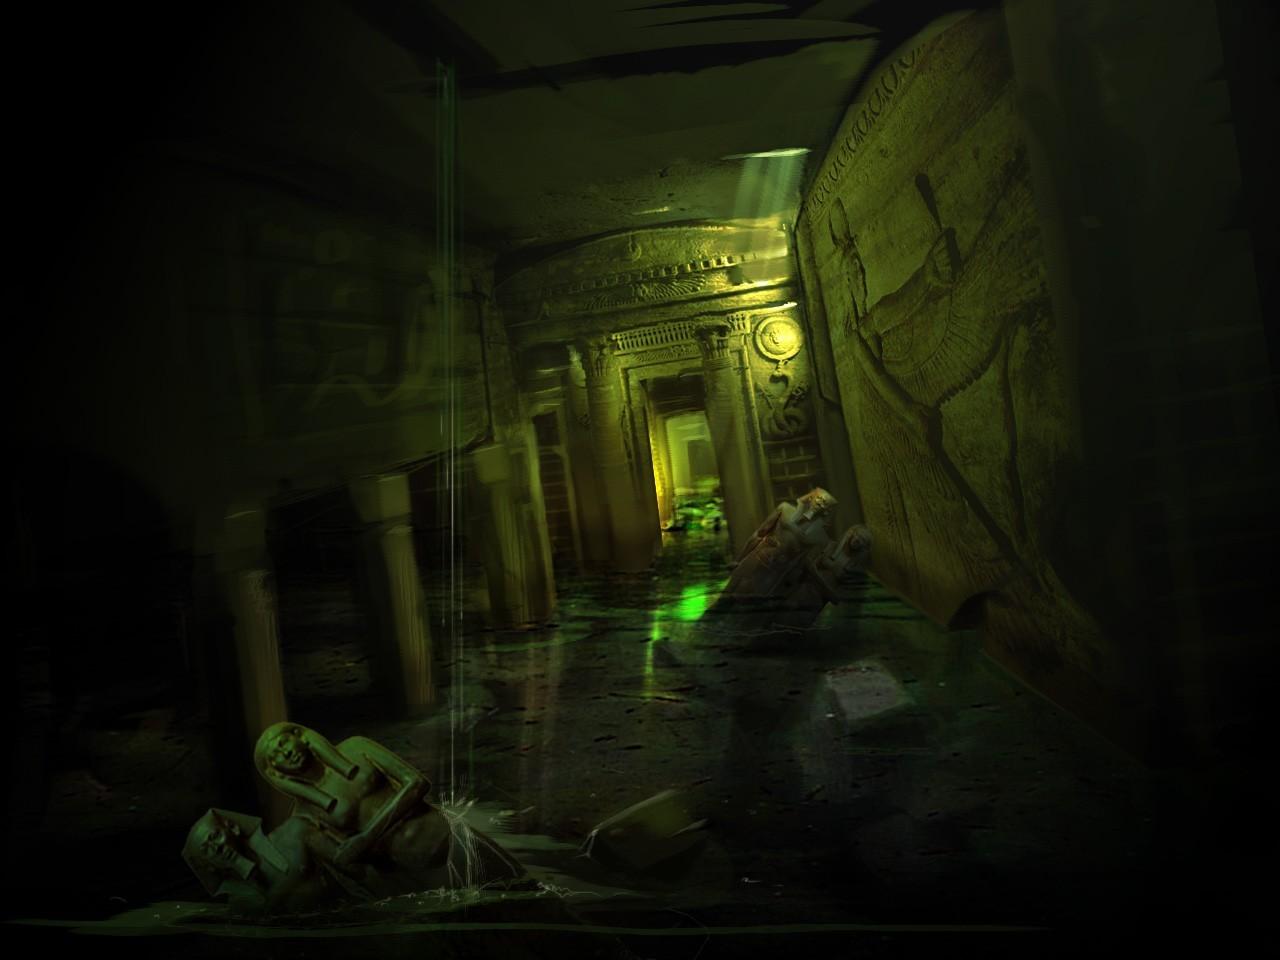 Découvrez toutes les astuces, cheat codes, triches du jeu vidéo Lara Croft Tomb Raider : Anniversary sur PSP sur GameHope.